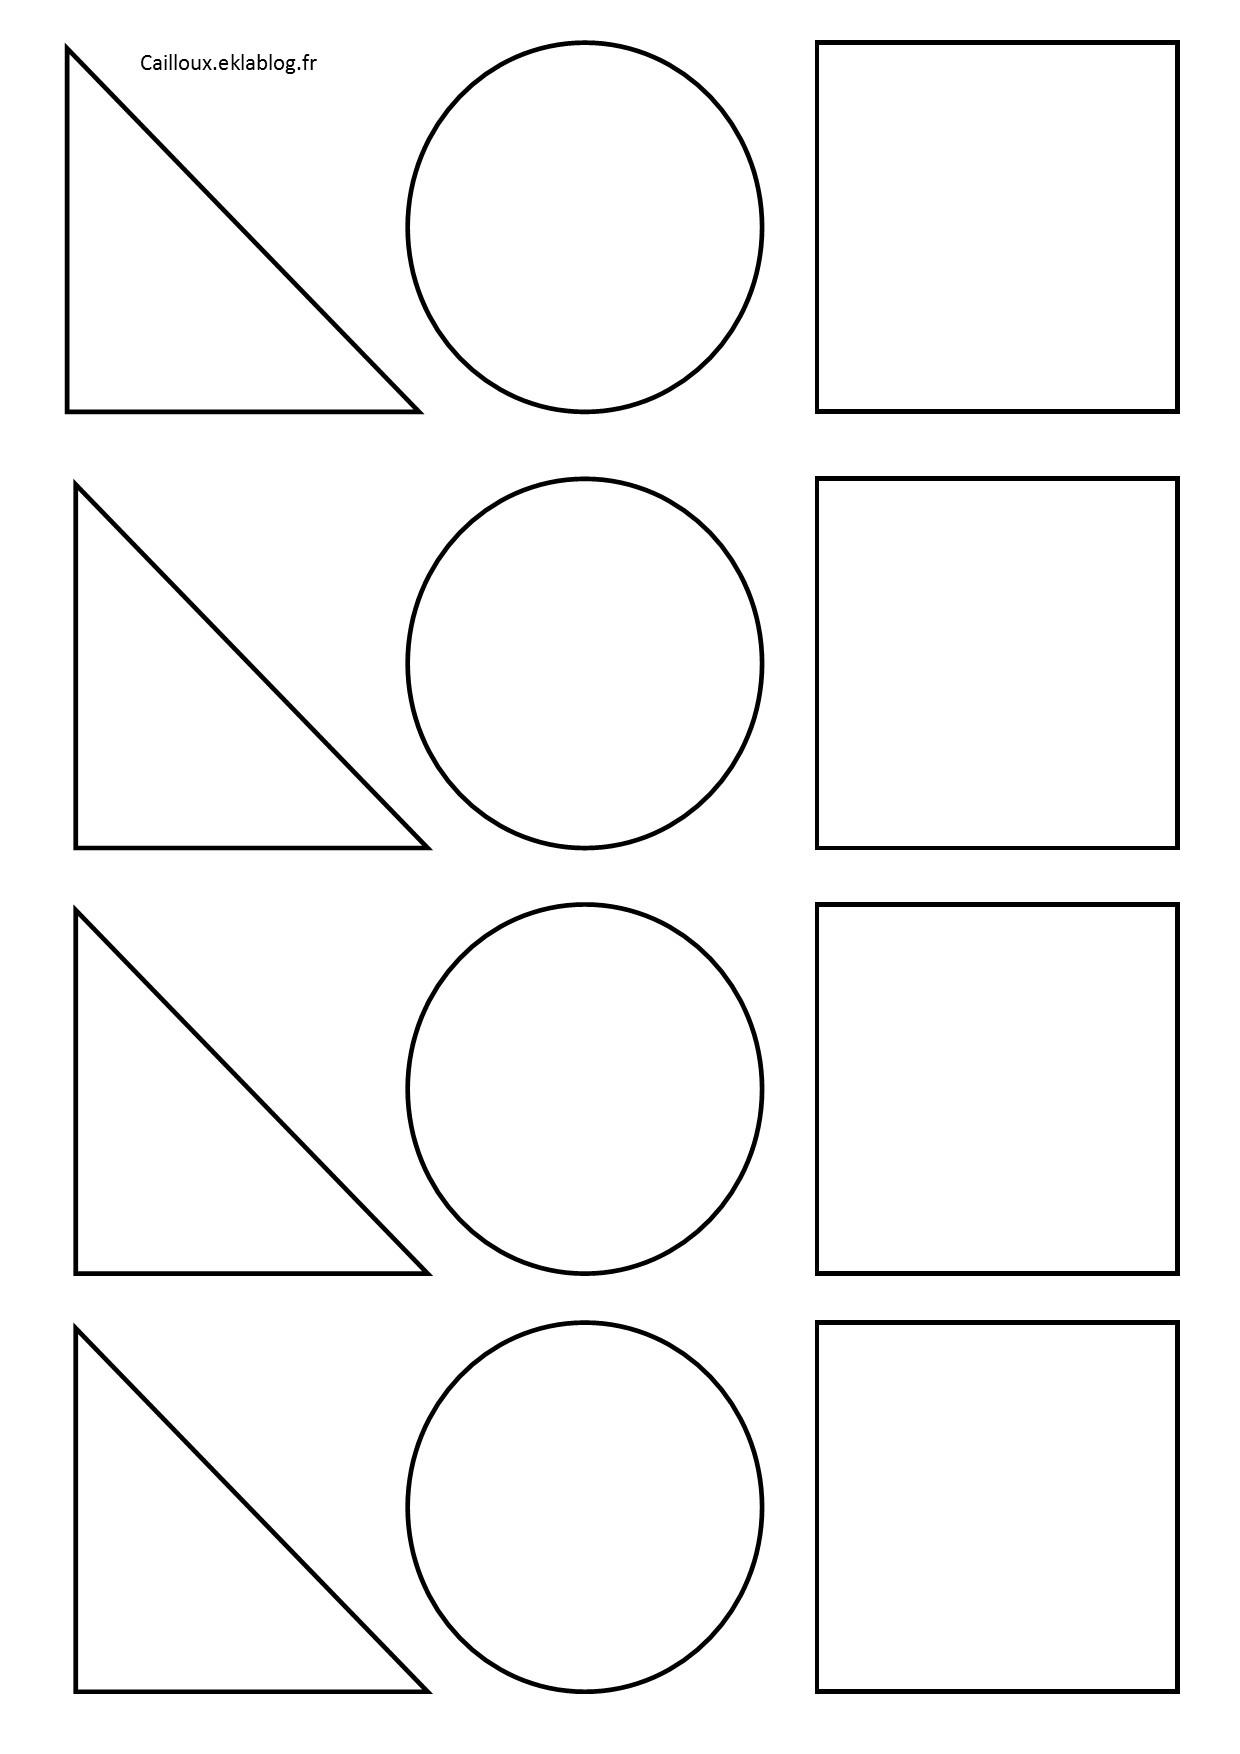 Formes Géométriques Et Découpage - La Maternelle D'isadis7 dedans Formes À Découper Maternelle